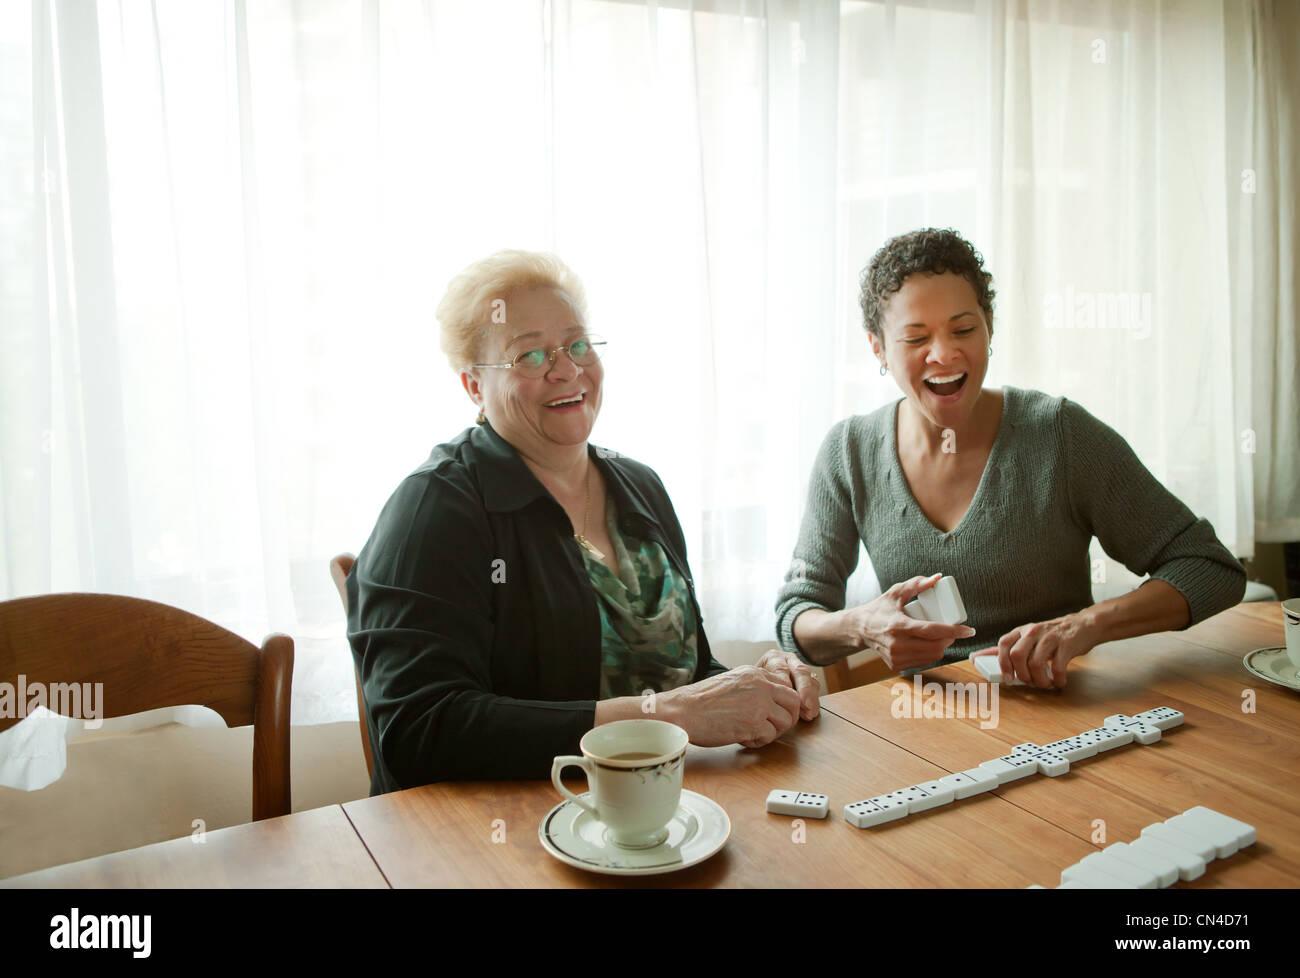 Madre e hija adulta jugando dominó Imagen De Stock